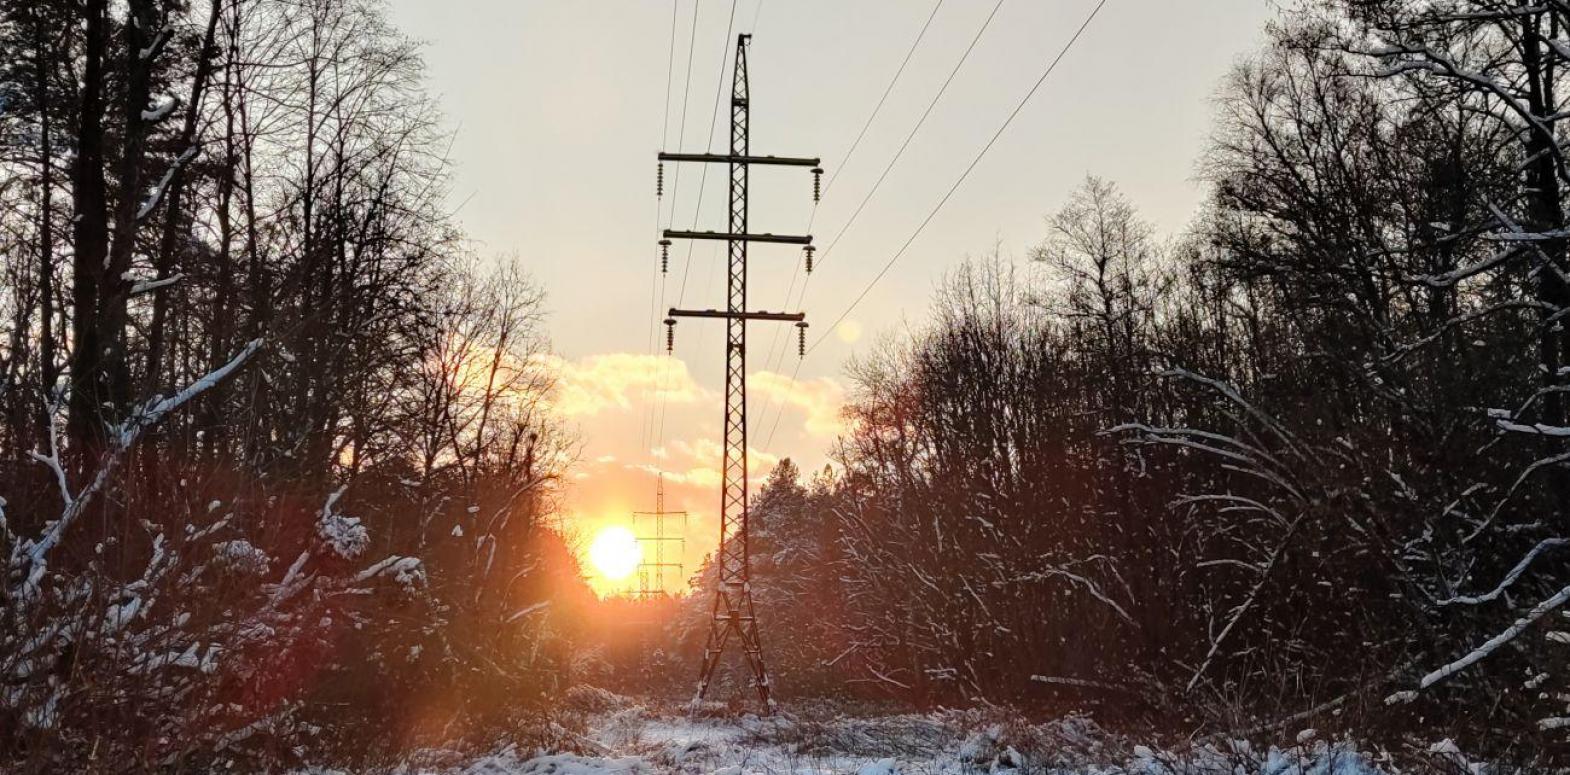 Сколько стоит электроэнергия в Украине: регулятор начал публикацию индикатива цены